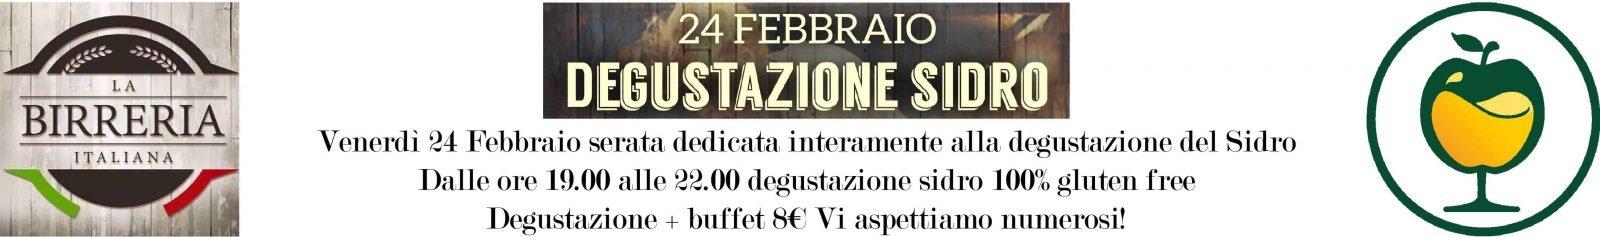 SERATA DEGUSTAZIONE SIDRI DALLA BIRRERIA ITALIANA